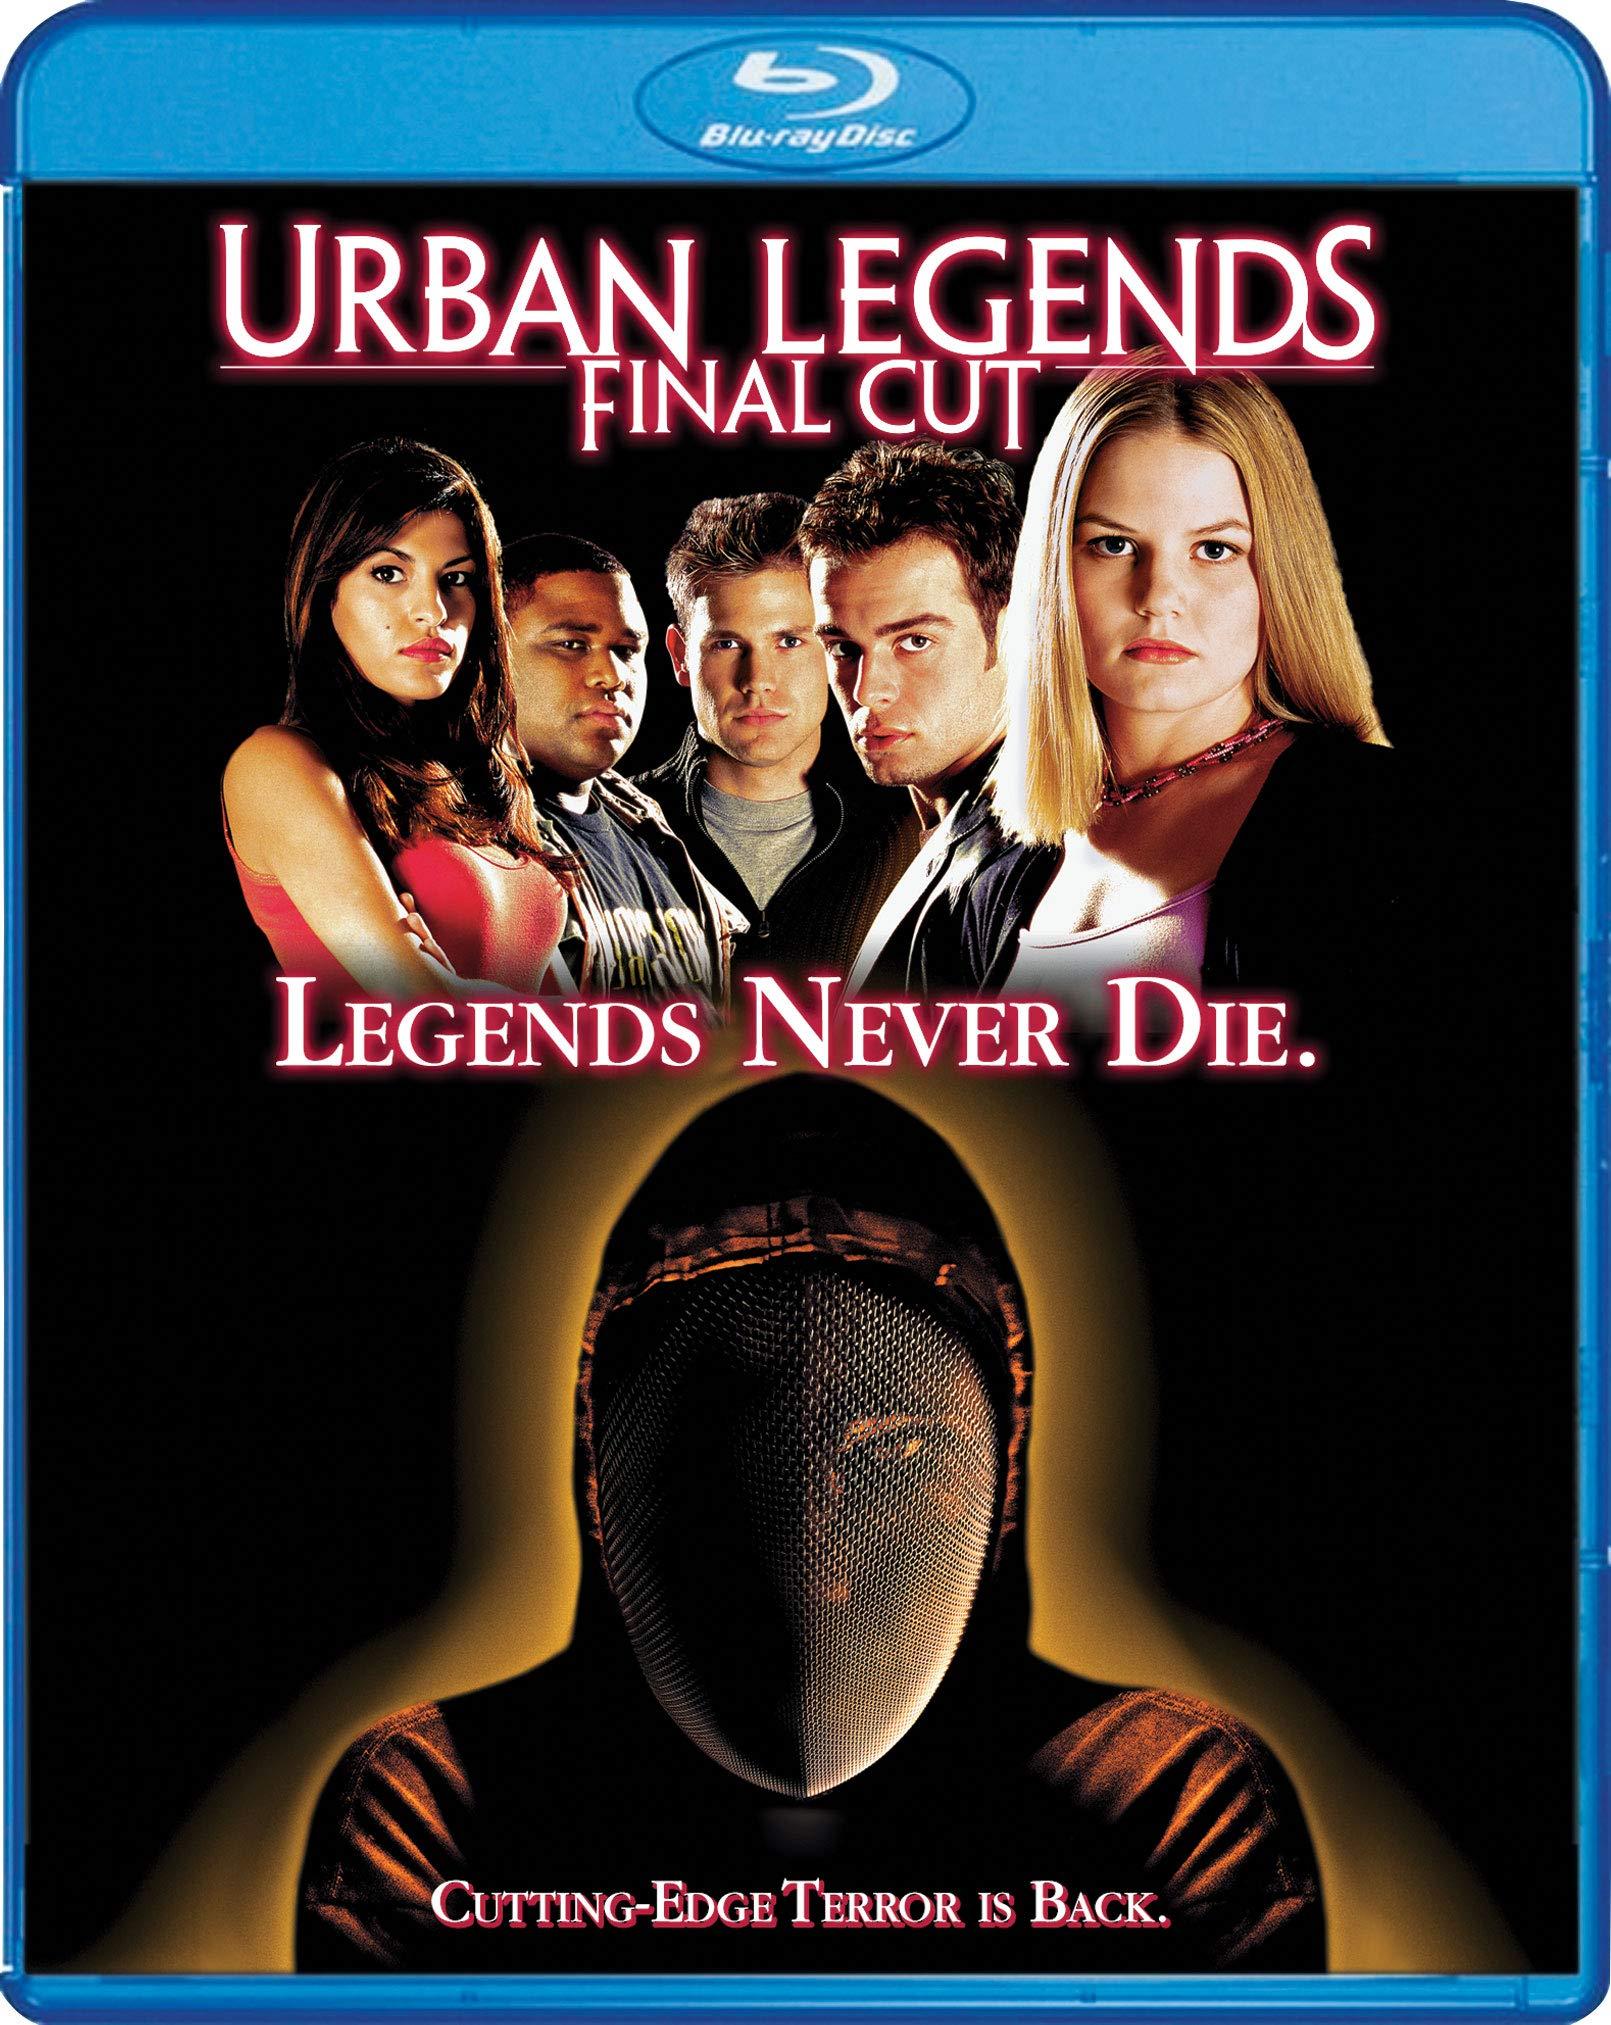 Blu-ray : Urban Legends: Final Cut (Widescreen)